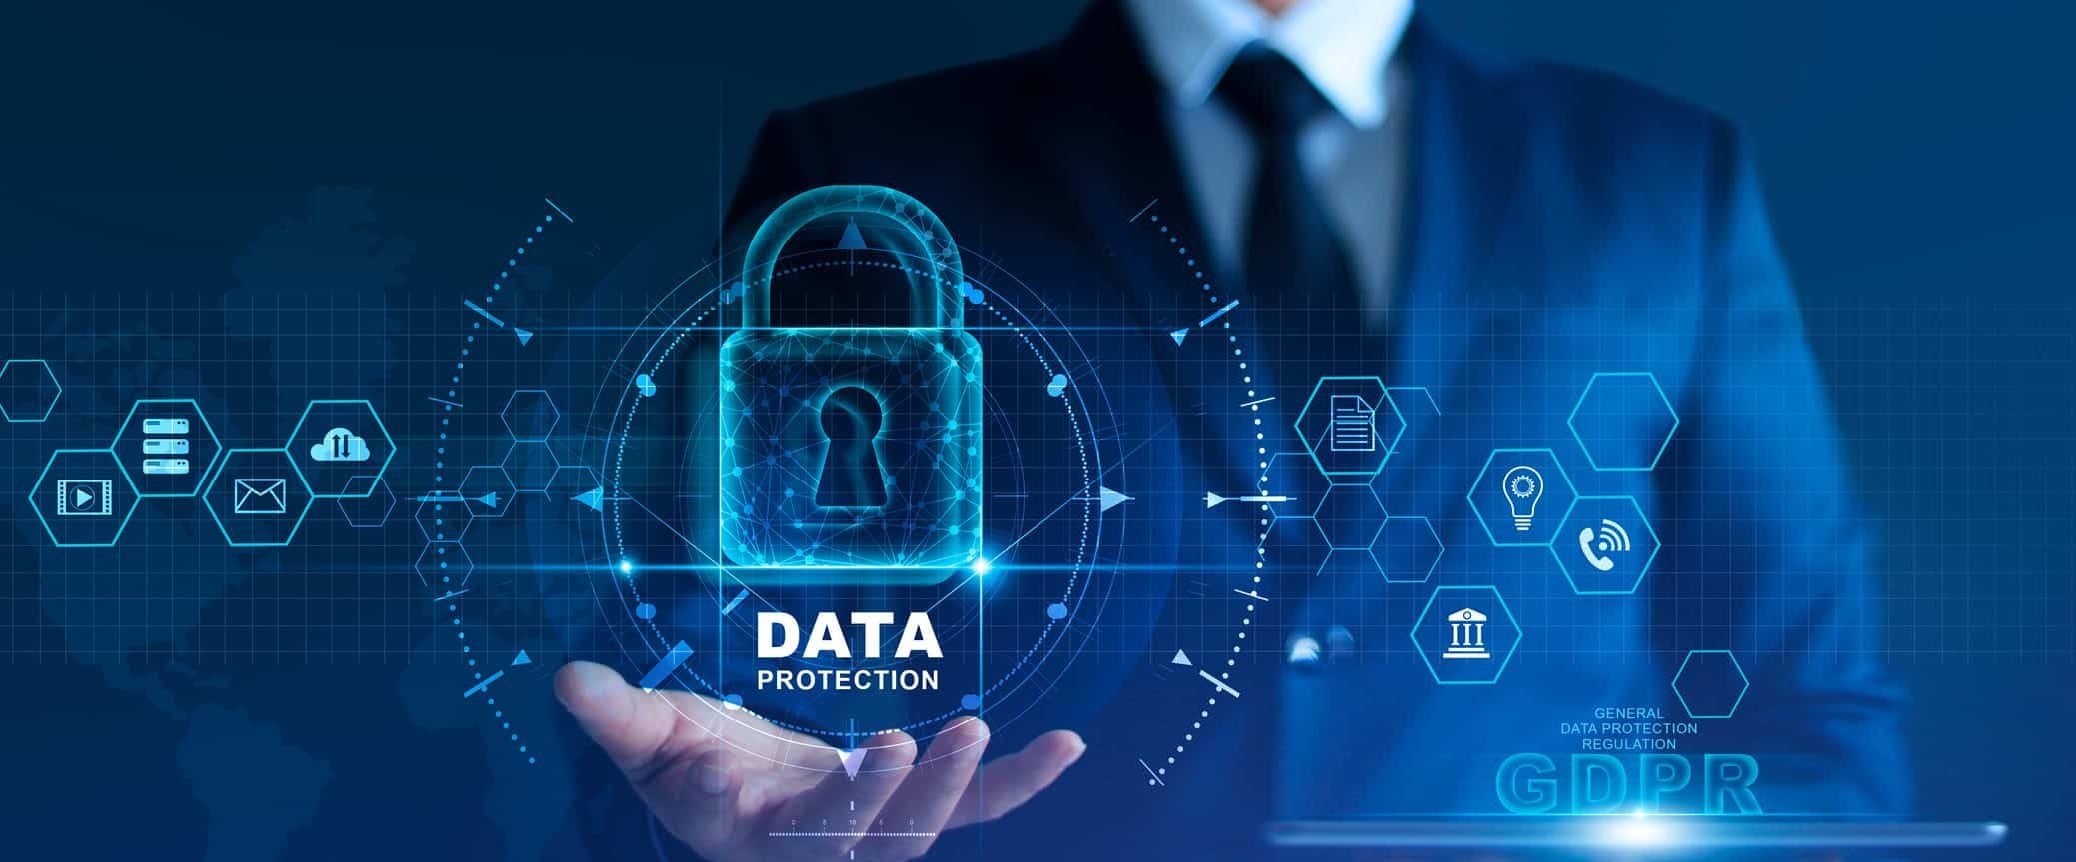 الأمن الإلكتروني و أهم إتجاهاته